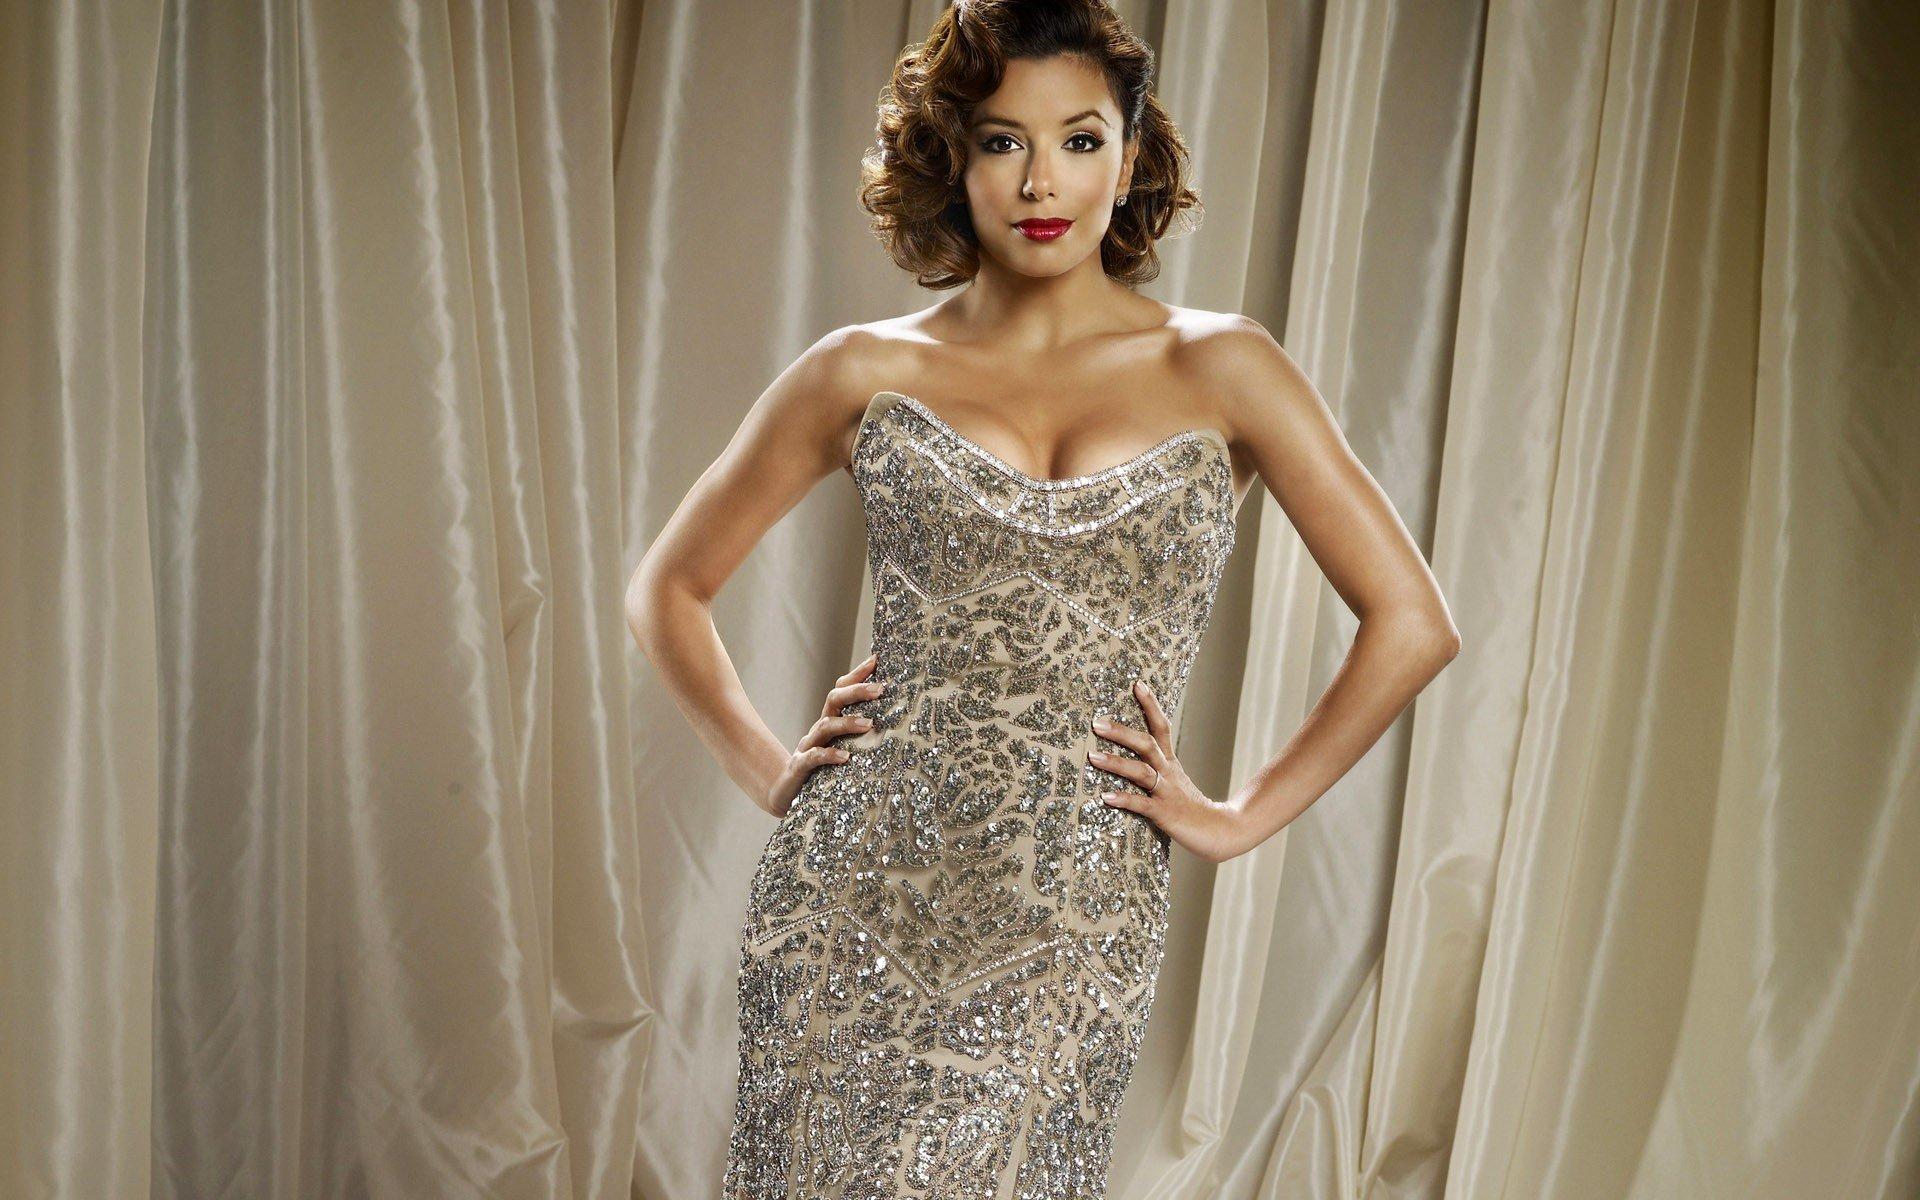 eva-longoria-wearing-elegant-dress